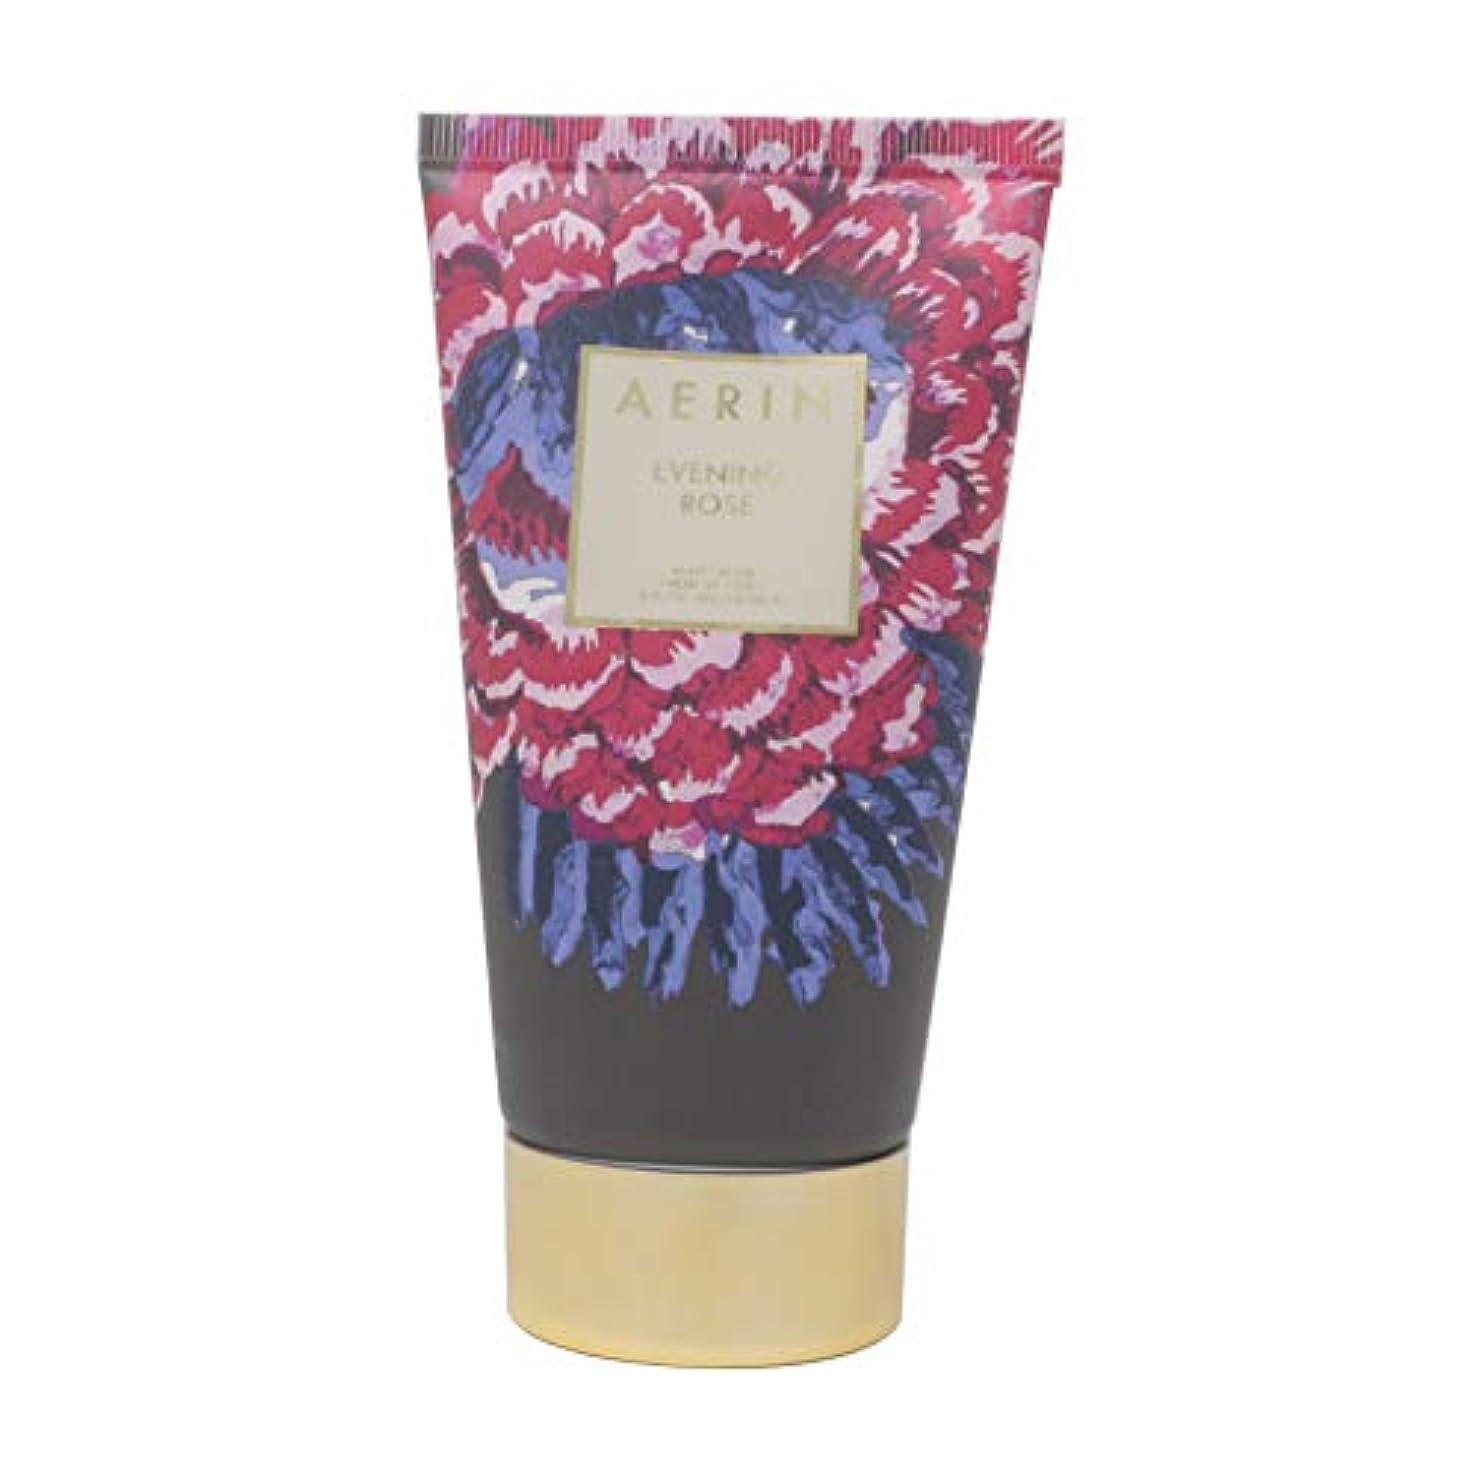 該当するタイトギャラントリーAERIN 'Evening Rose' (アエリン イブニング ローズ) 5.0 oz (150ml) Body Cream ボディークリーム by Estee Lauder for Women